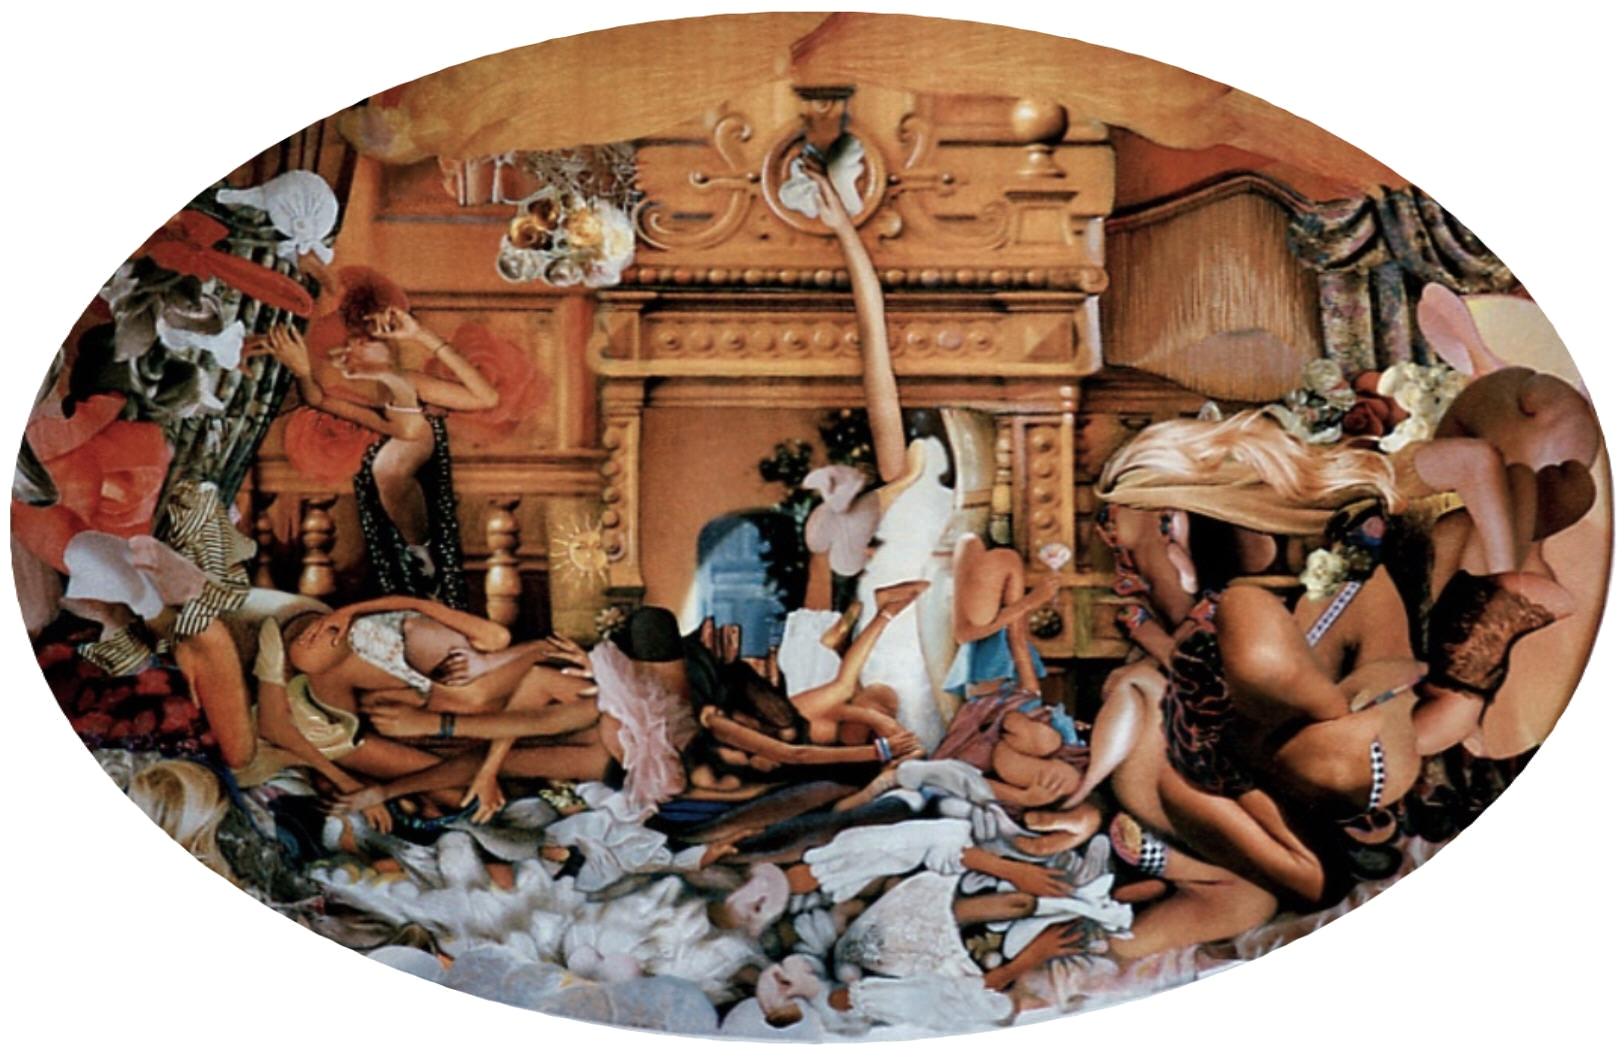 Le bain (80 x 54) Collection particulière